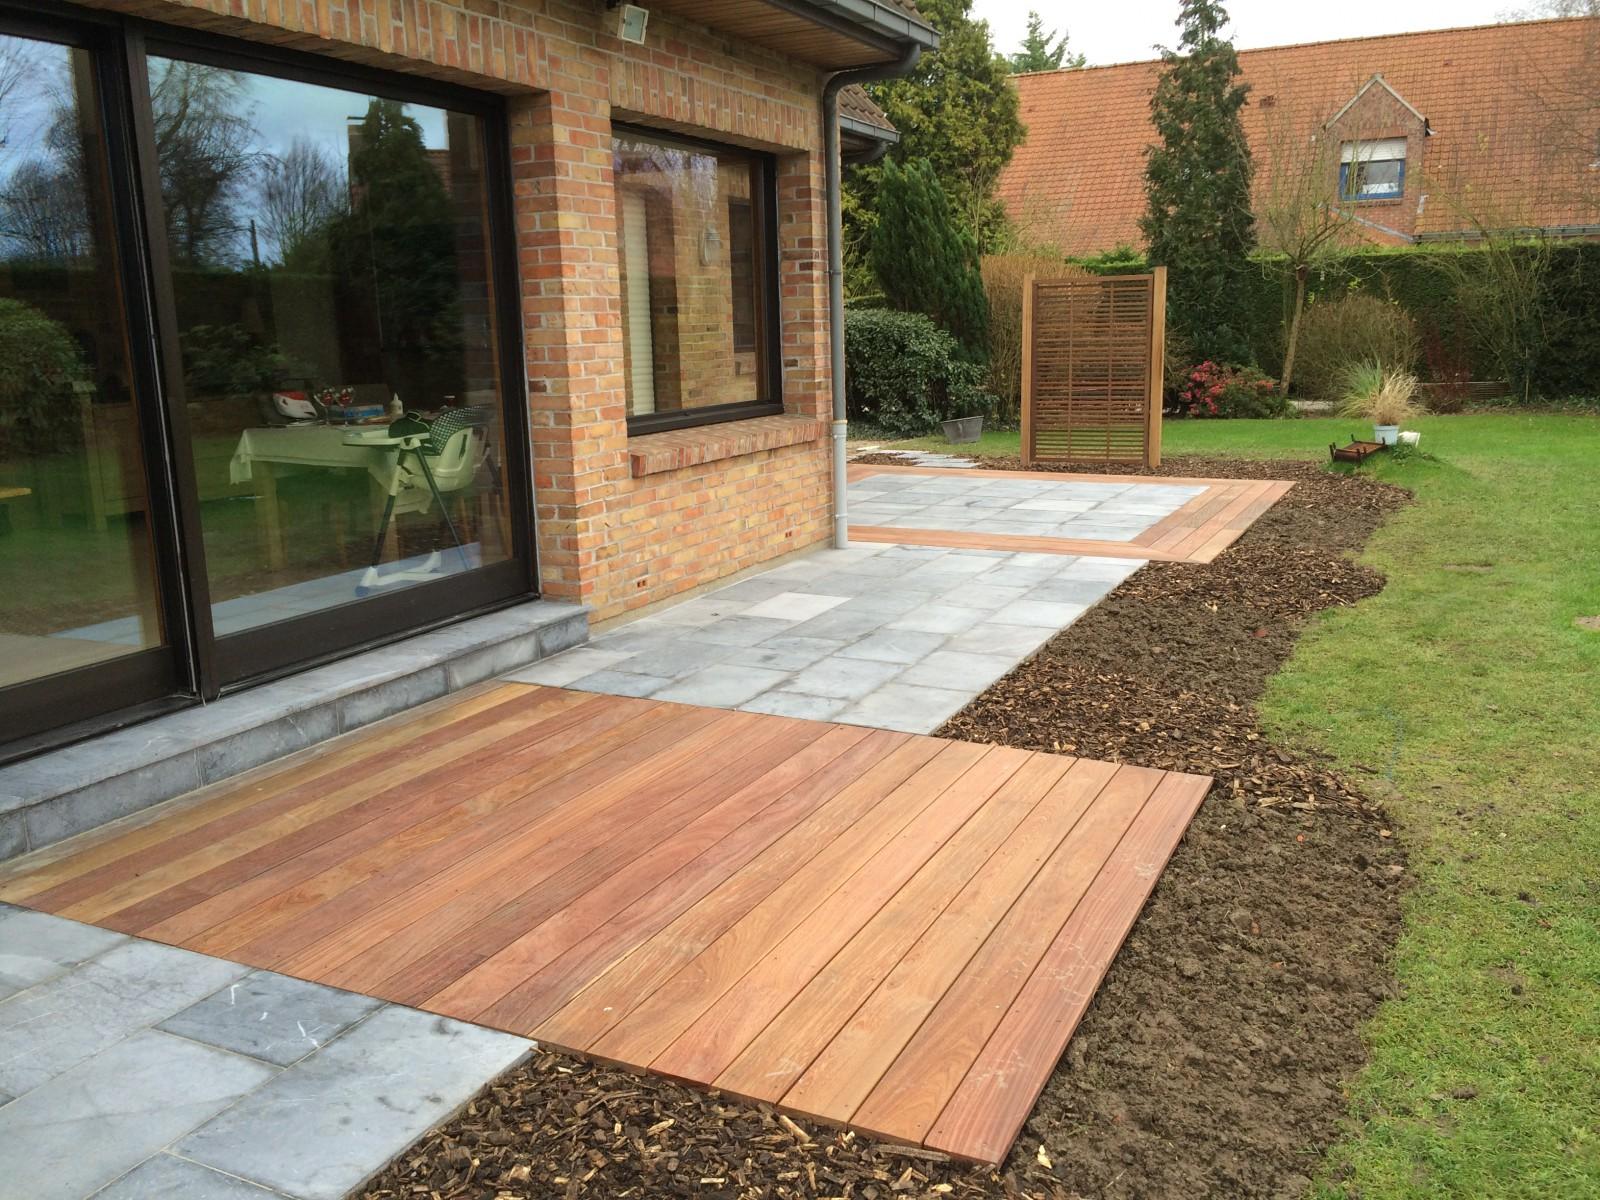 Terrasse pierre bois nos conseils for Objectif bois cloison japonaise